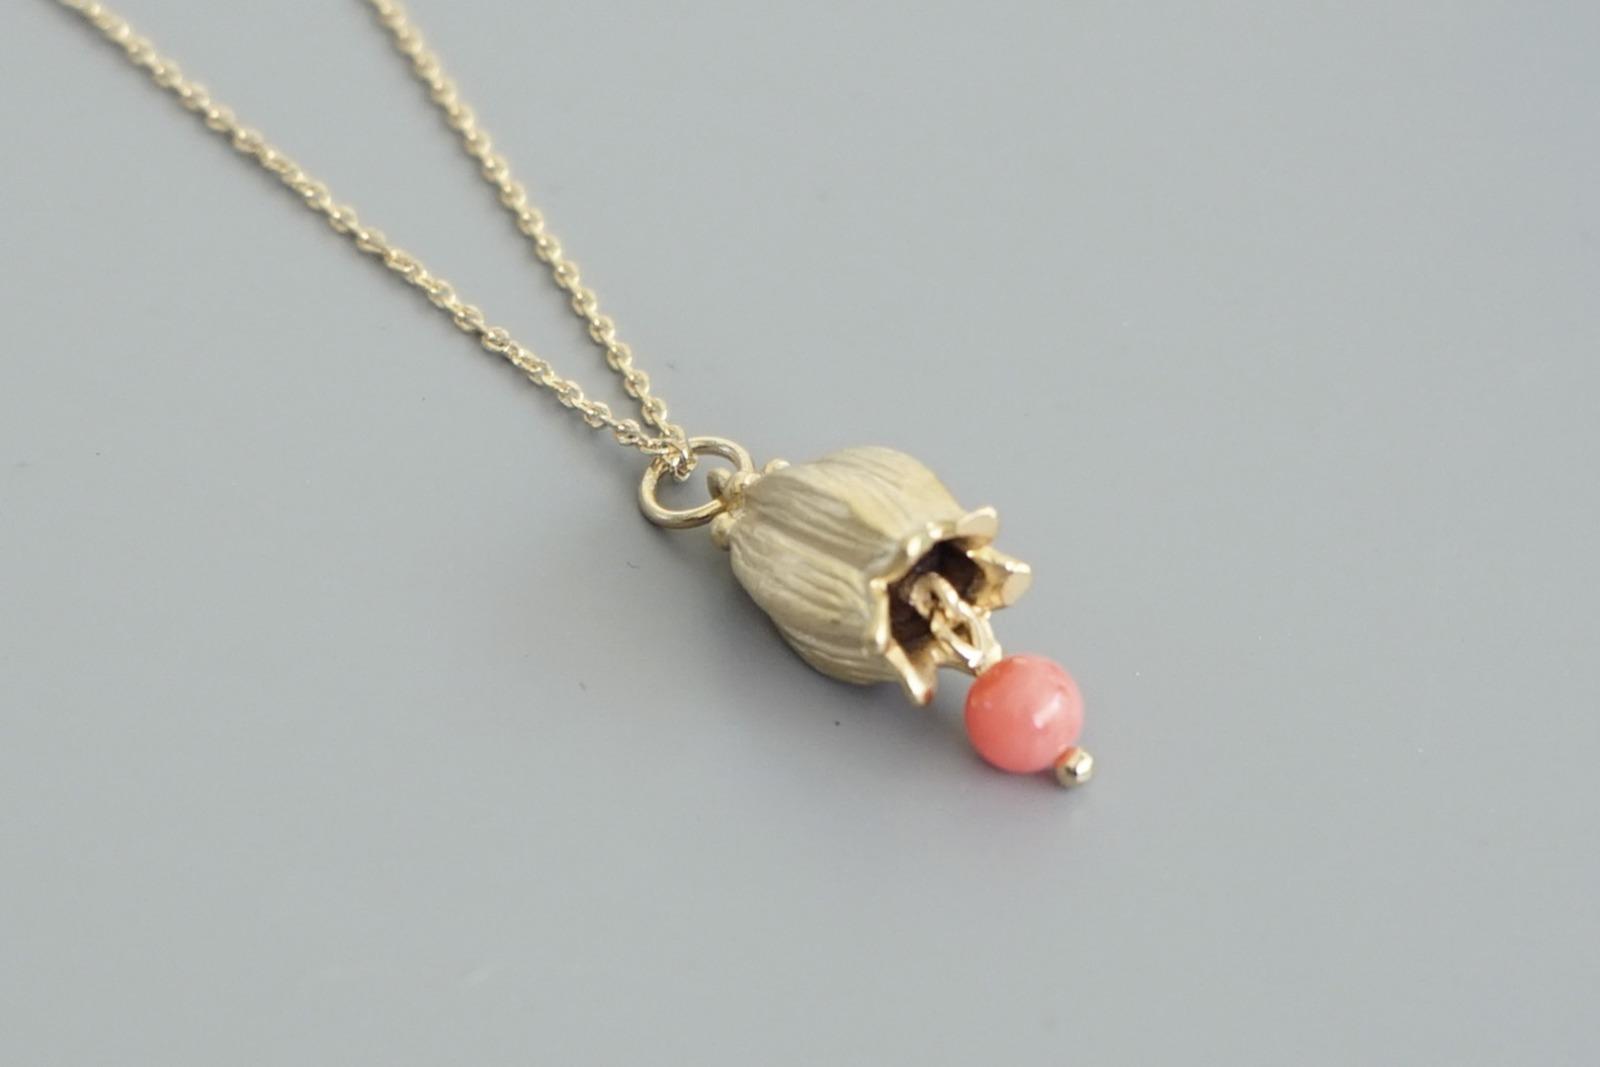 Kette vergoldet mit Glockenblume und rosa - 2